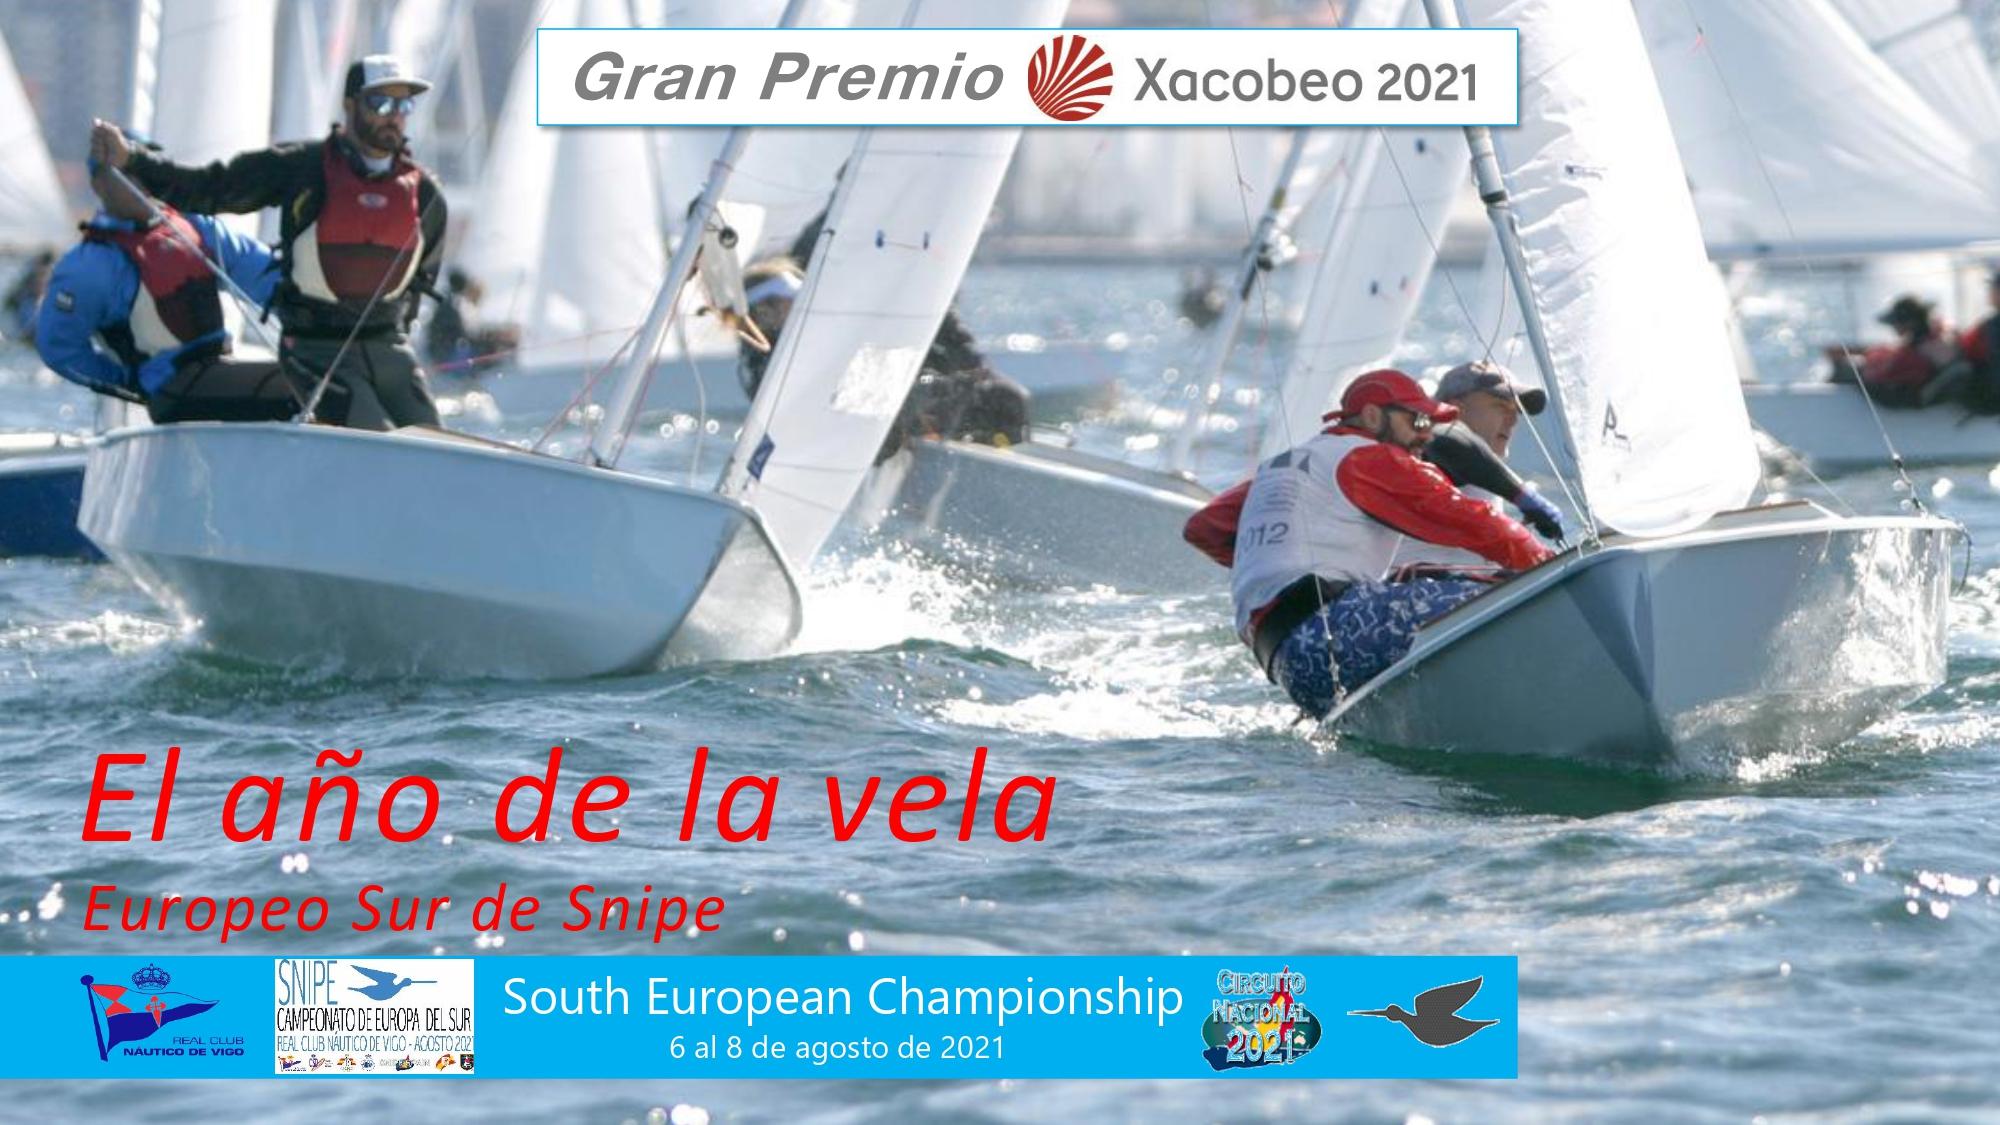 PRESENTACIÓN DEL CAMPEONATO SUR DE EUROPA 2021